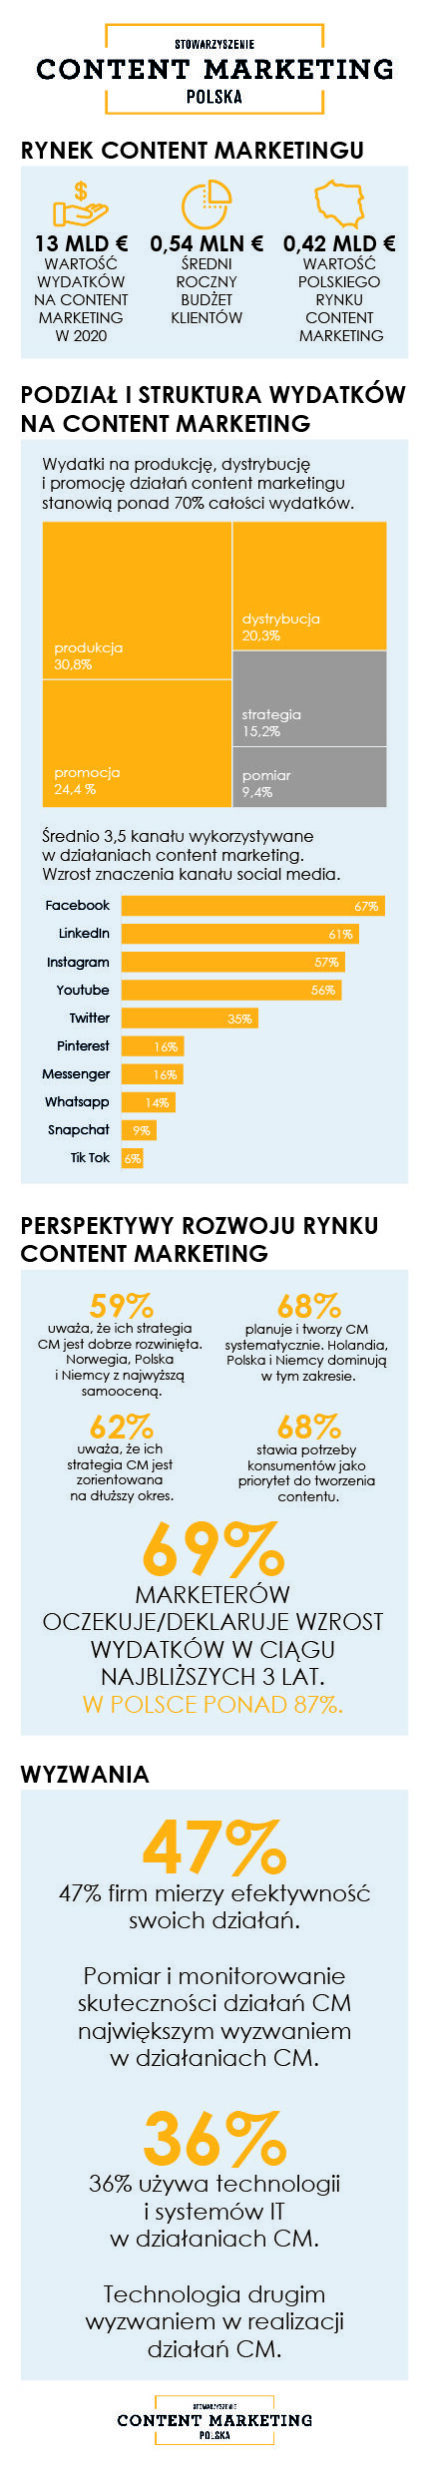 wyniki-sondazu-icmf